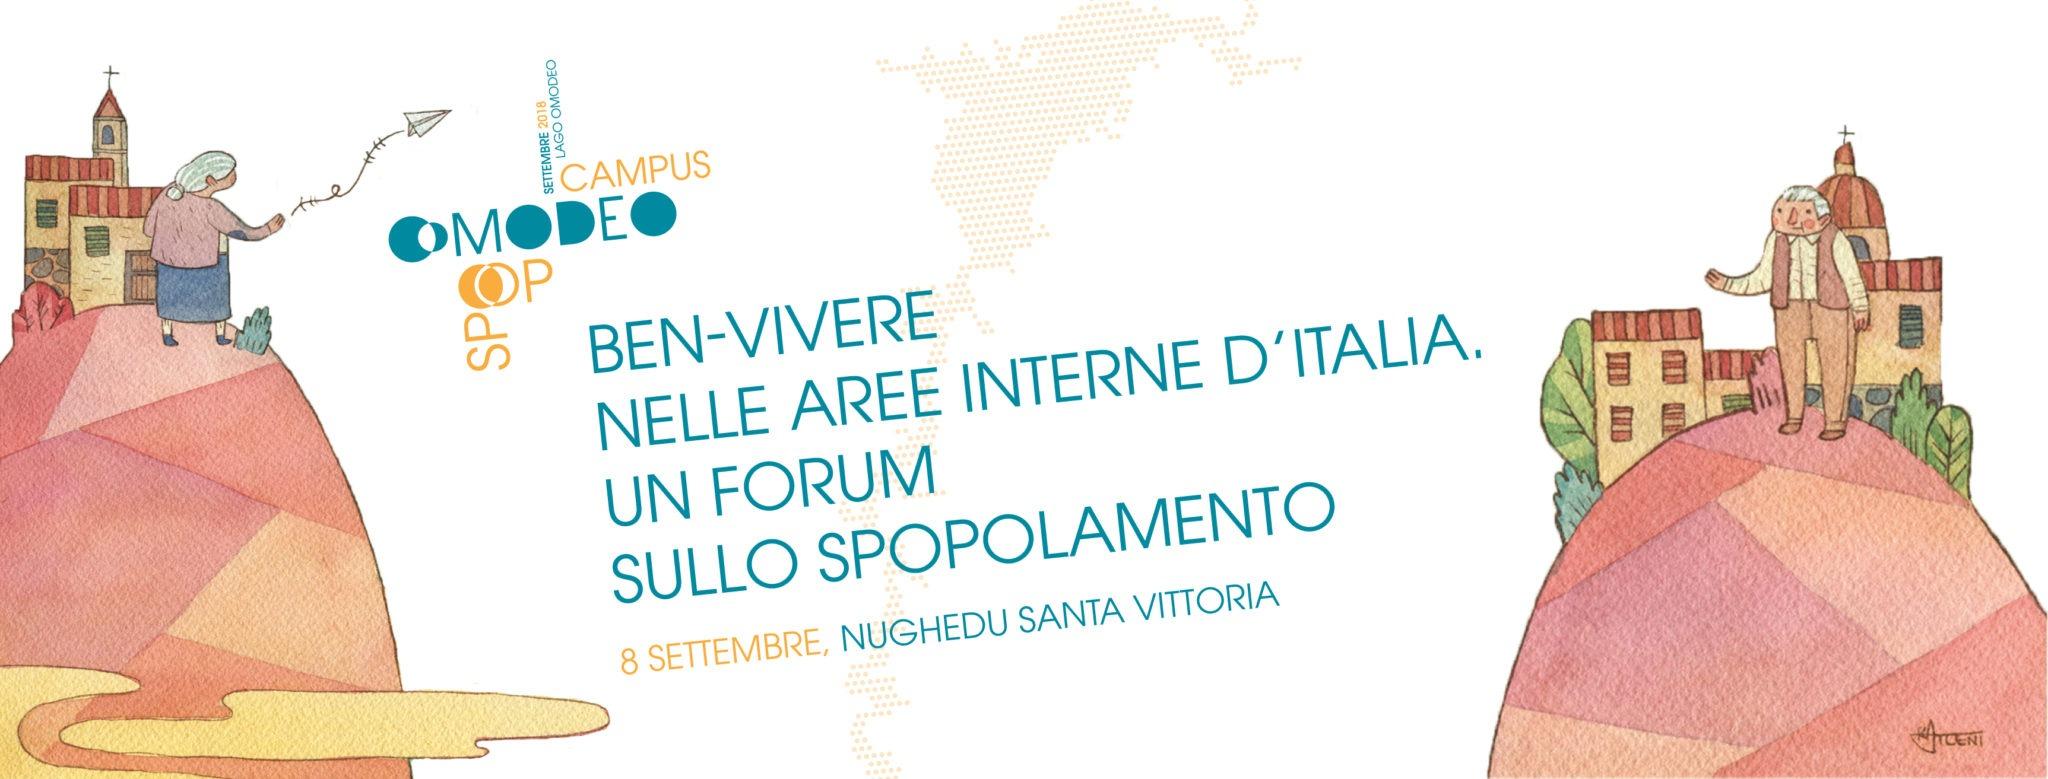 Omodeo 2018 copertine FB 8sett Novenario di San Basilio, Nughedu Santa Vittoria